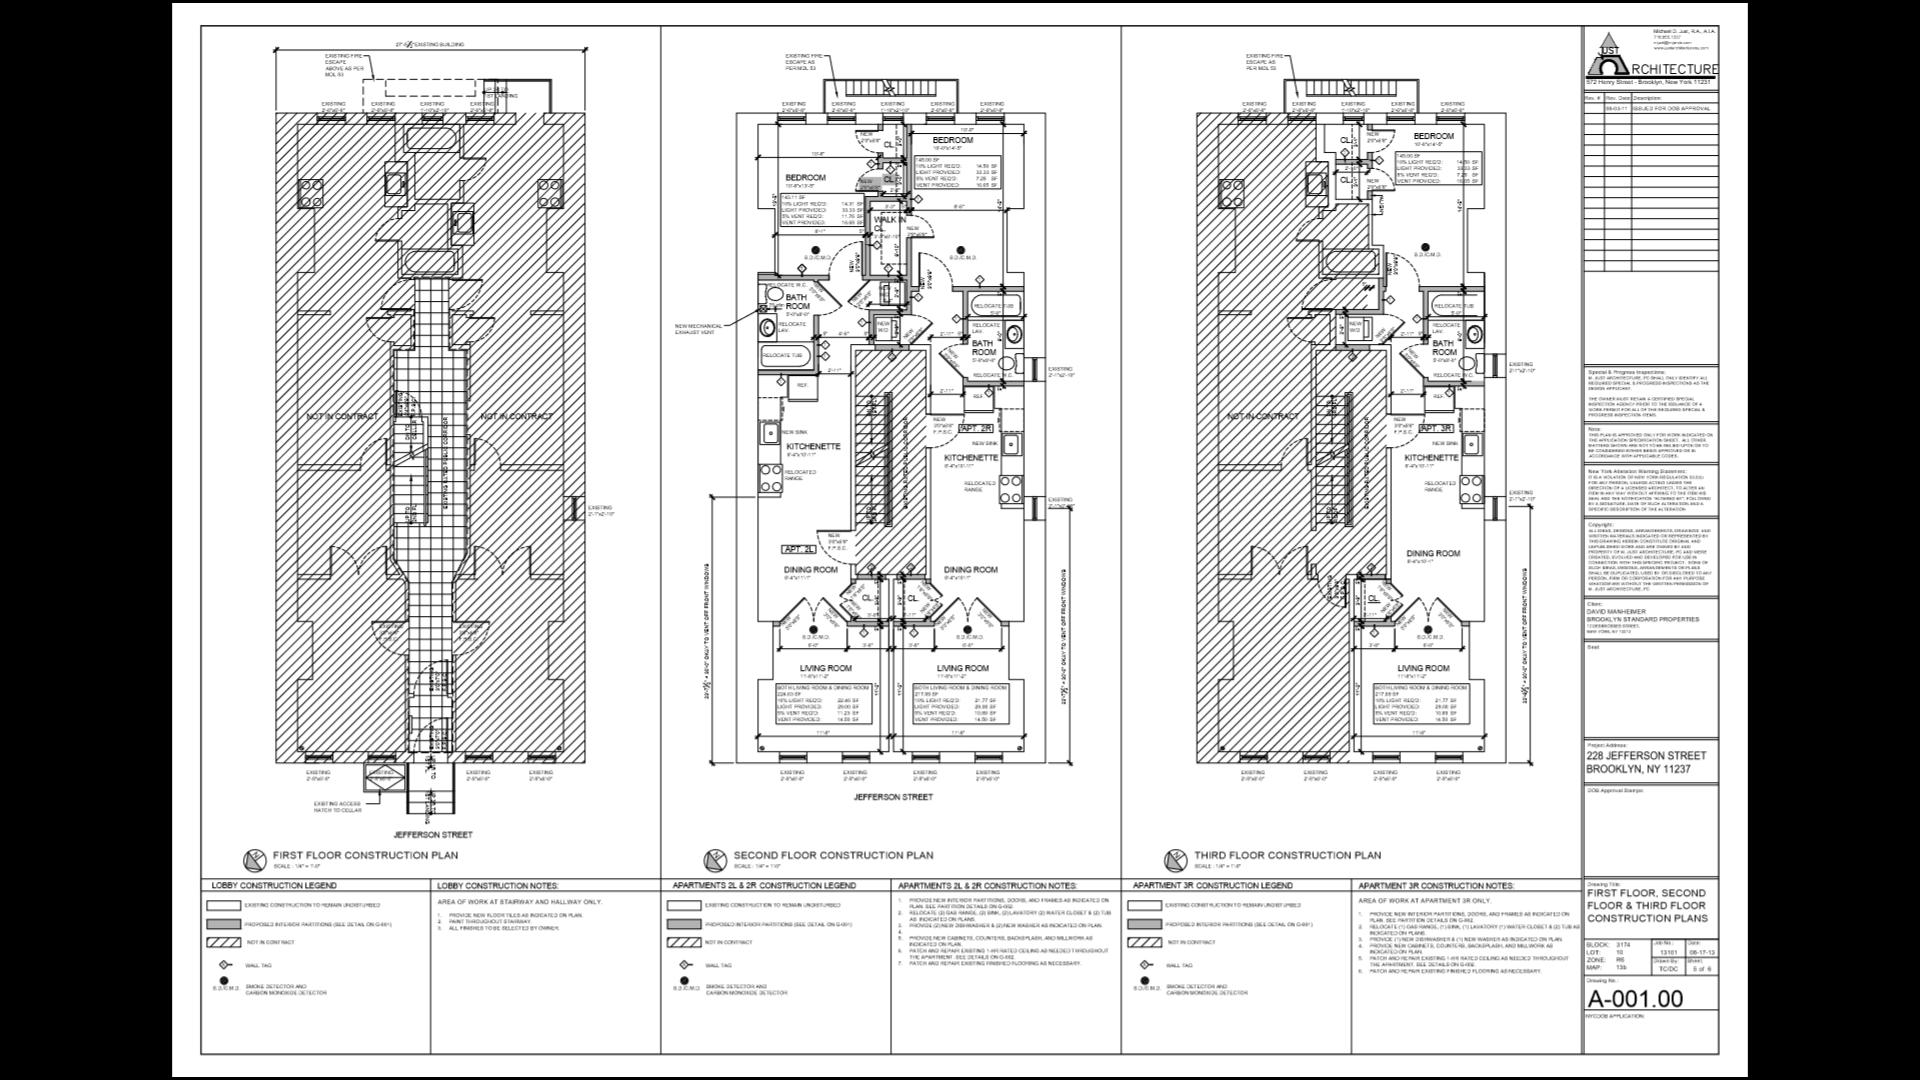 Proposed Layout: 1st floor, 2nd floor, 3rd floor